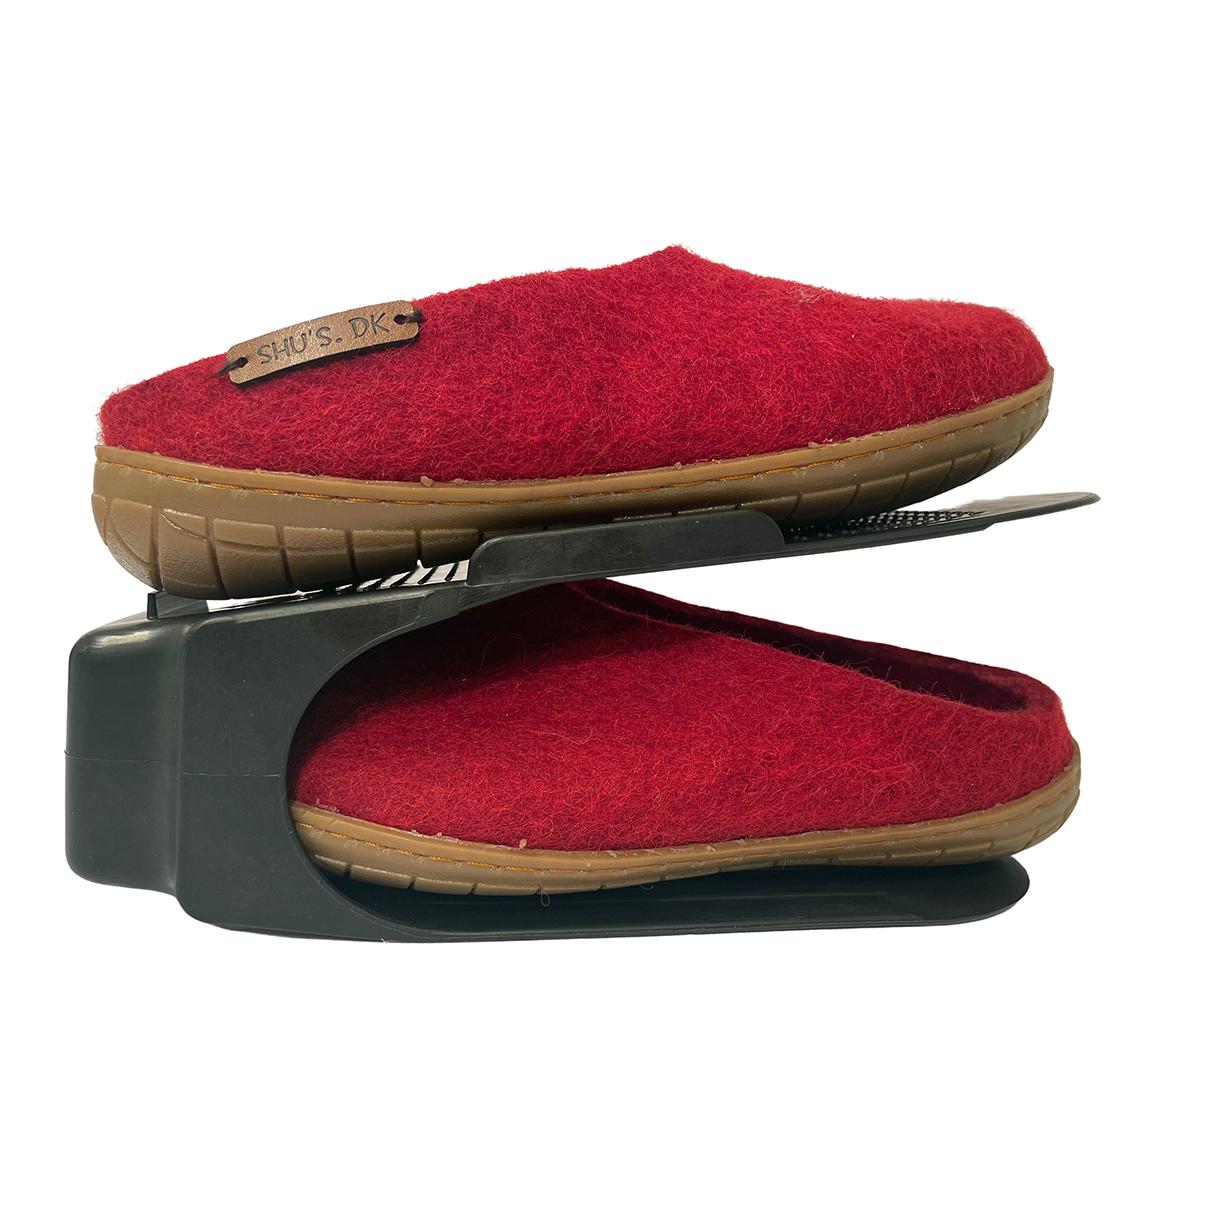 Pladsbesparende sko organizer (sort)